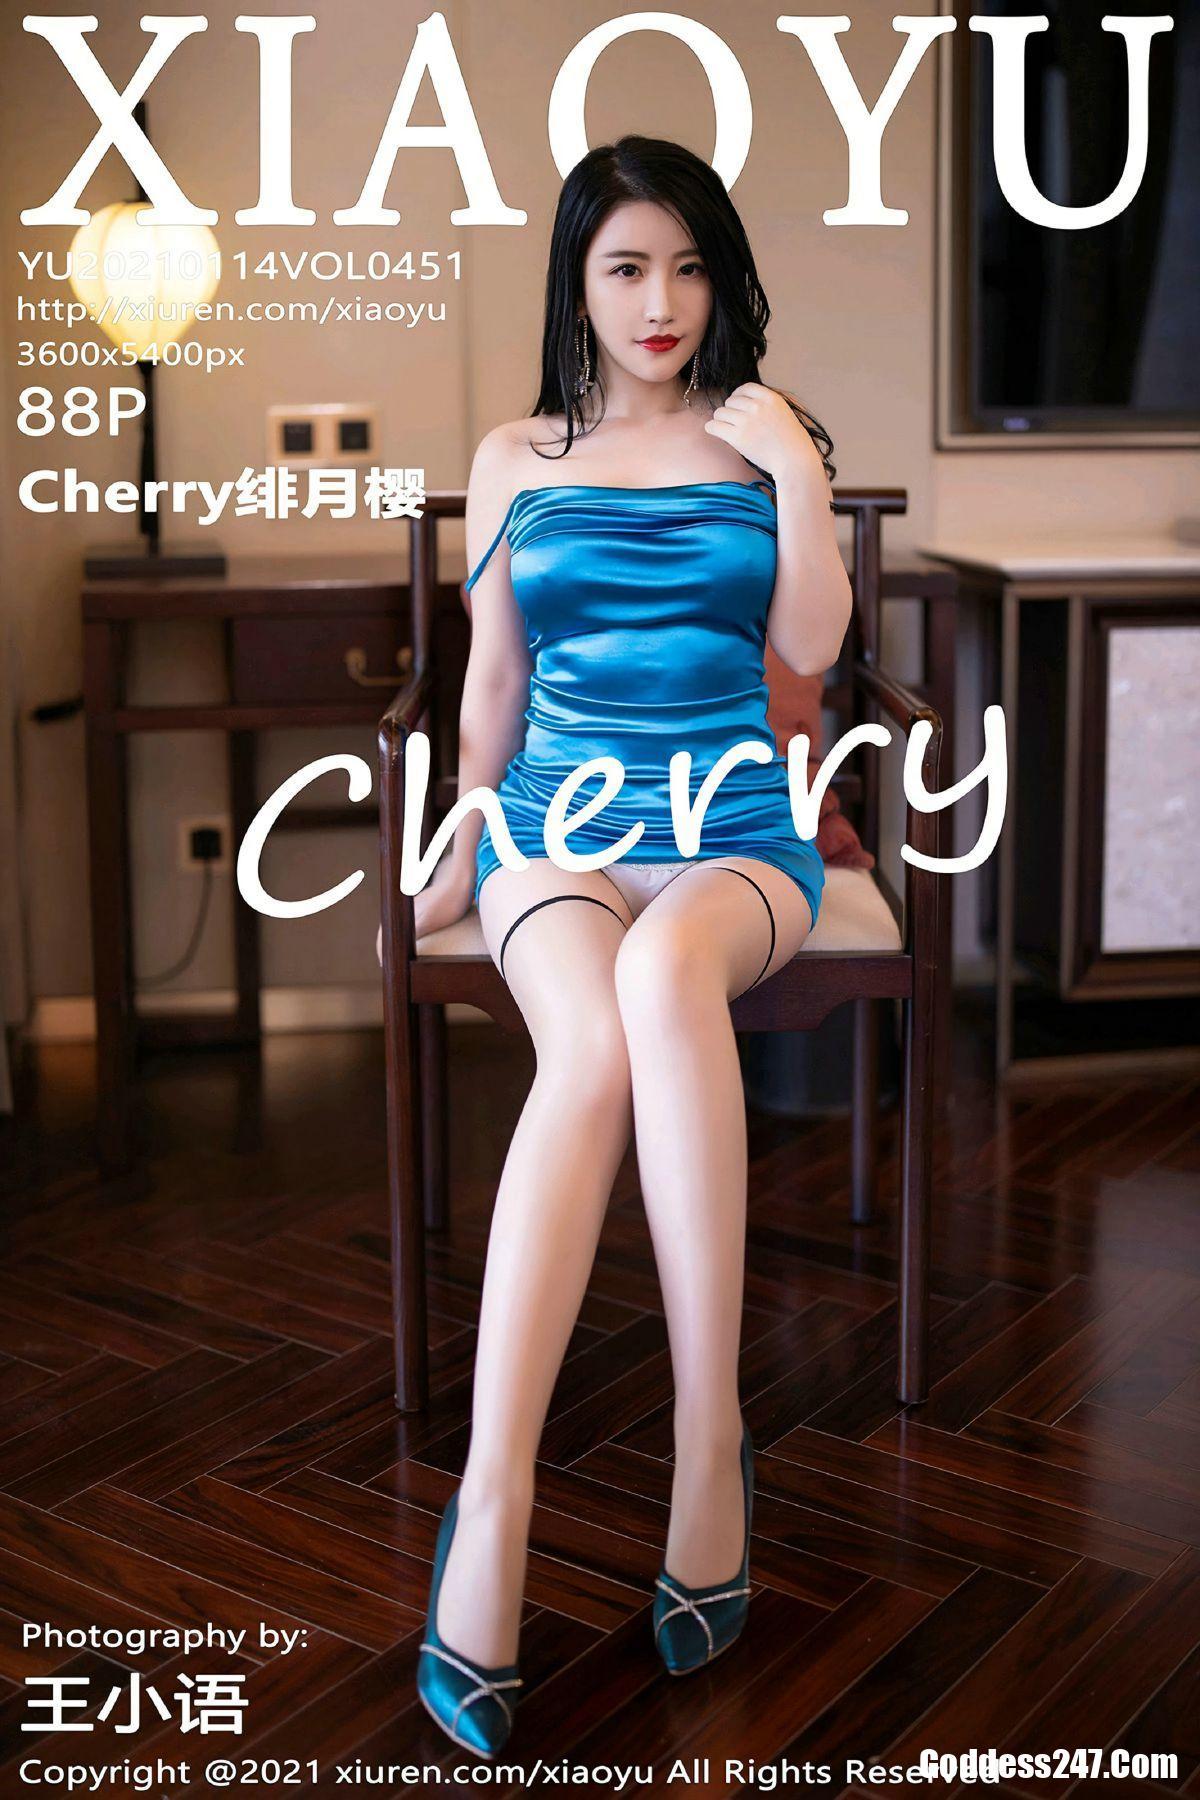 XiaoYu语画界 No.451 绯月樱-Cherry